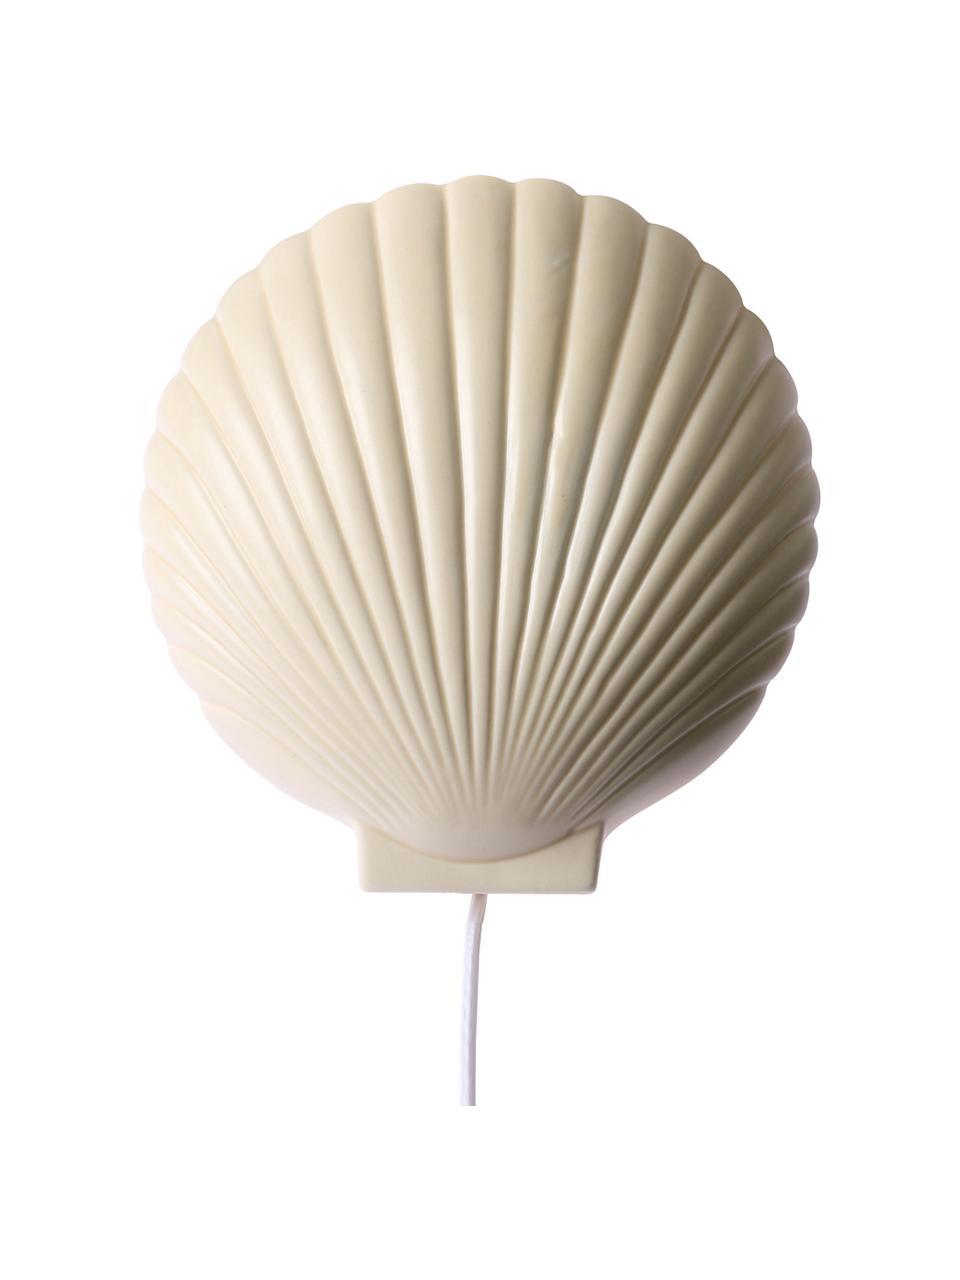 Wandleuchte Shell aus Steingut mit Stecker, Lampenschirm: Steingut, Pastellgelb, 19 x 21 cm